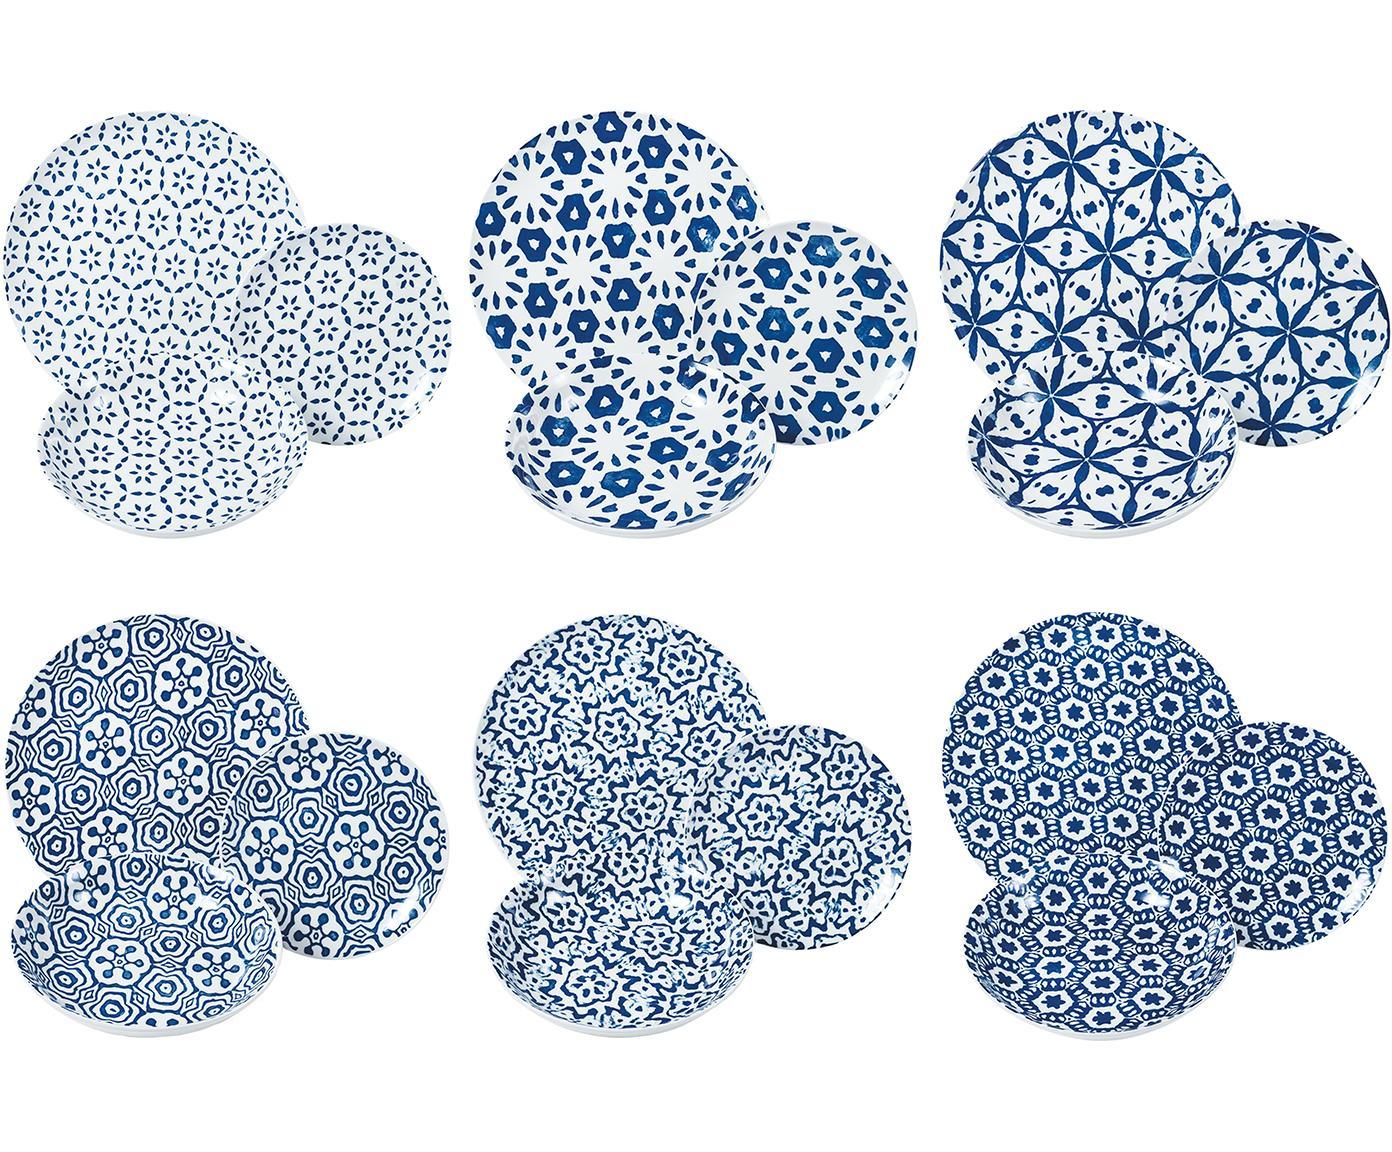 Geschirrset Bodrum, 6 Personen (18-tlg.), Porzellan, Blau, Weiss, Verschiedene Grössen